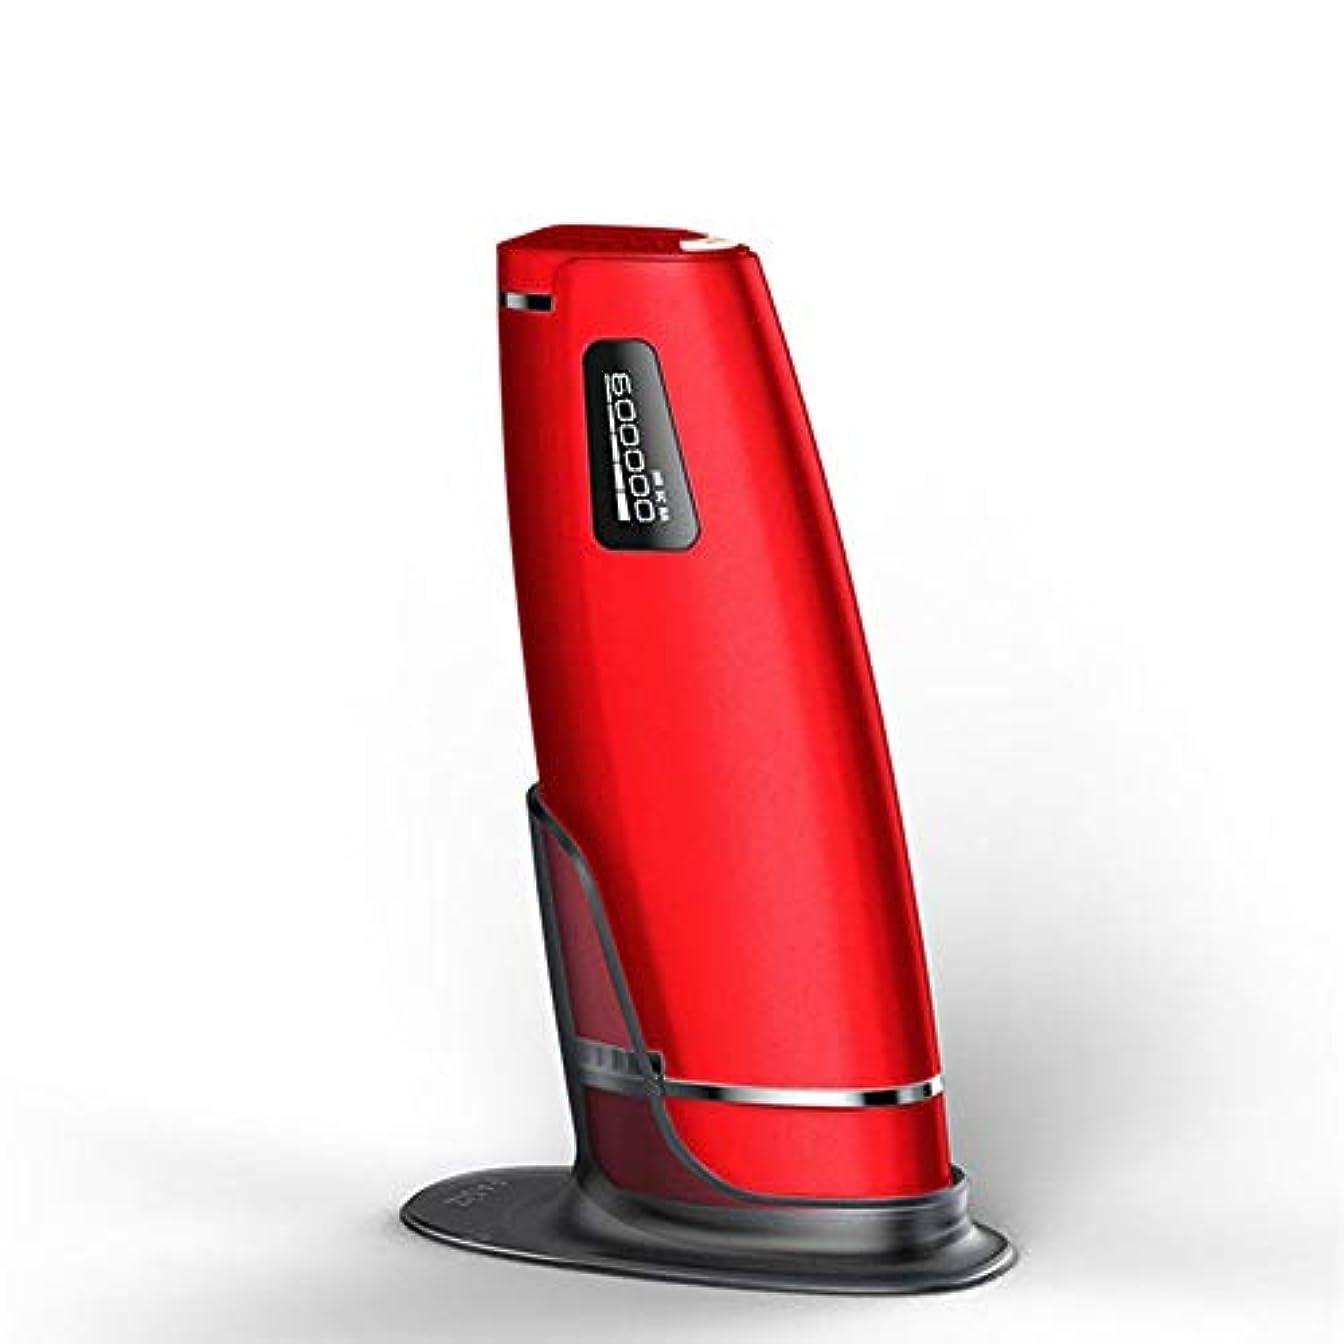 移動リーフレットなる赤、デュアルモード、ホームオートマチック無痛脱毛剤、携帯用永久脱毛剤、5スピード調整、サイズ20.5 X 4.5 X 7 Cm 快適な脱毛 (Color : Red)